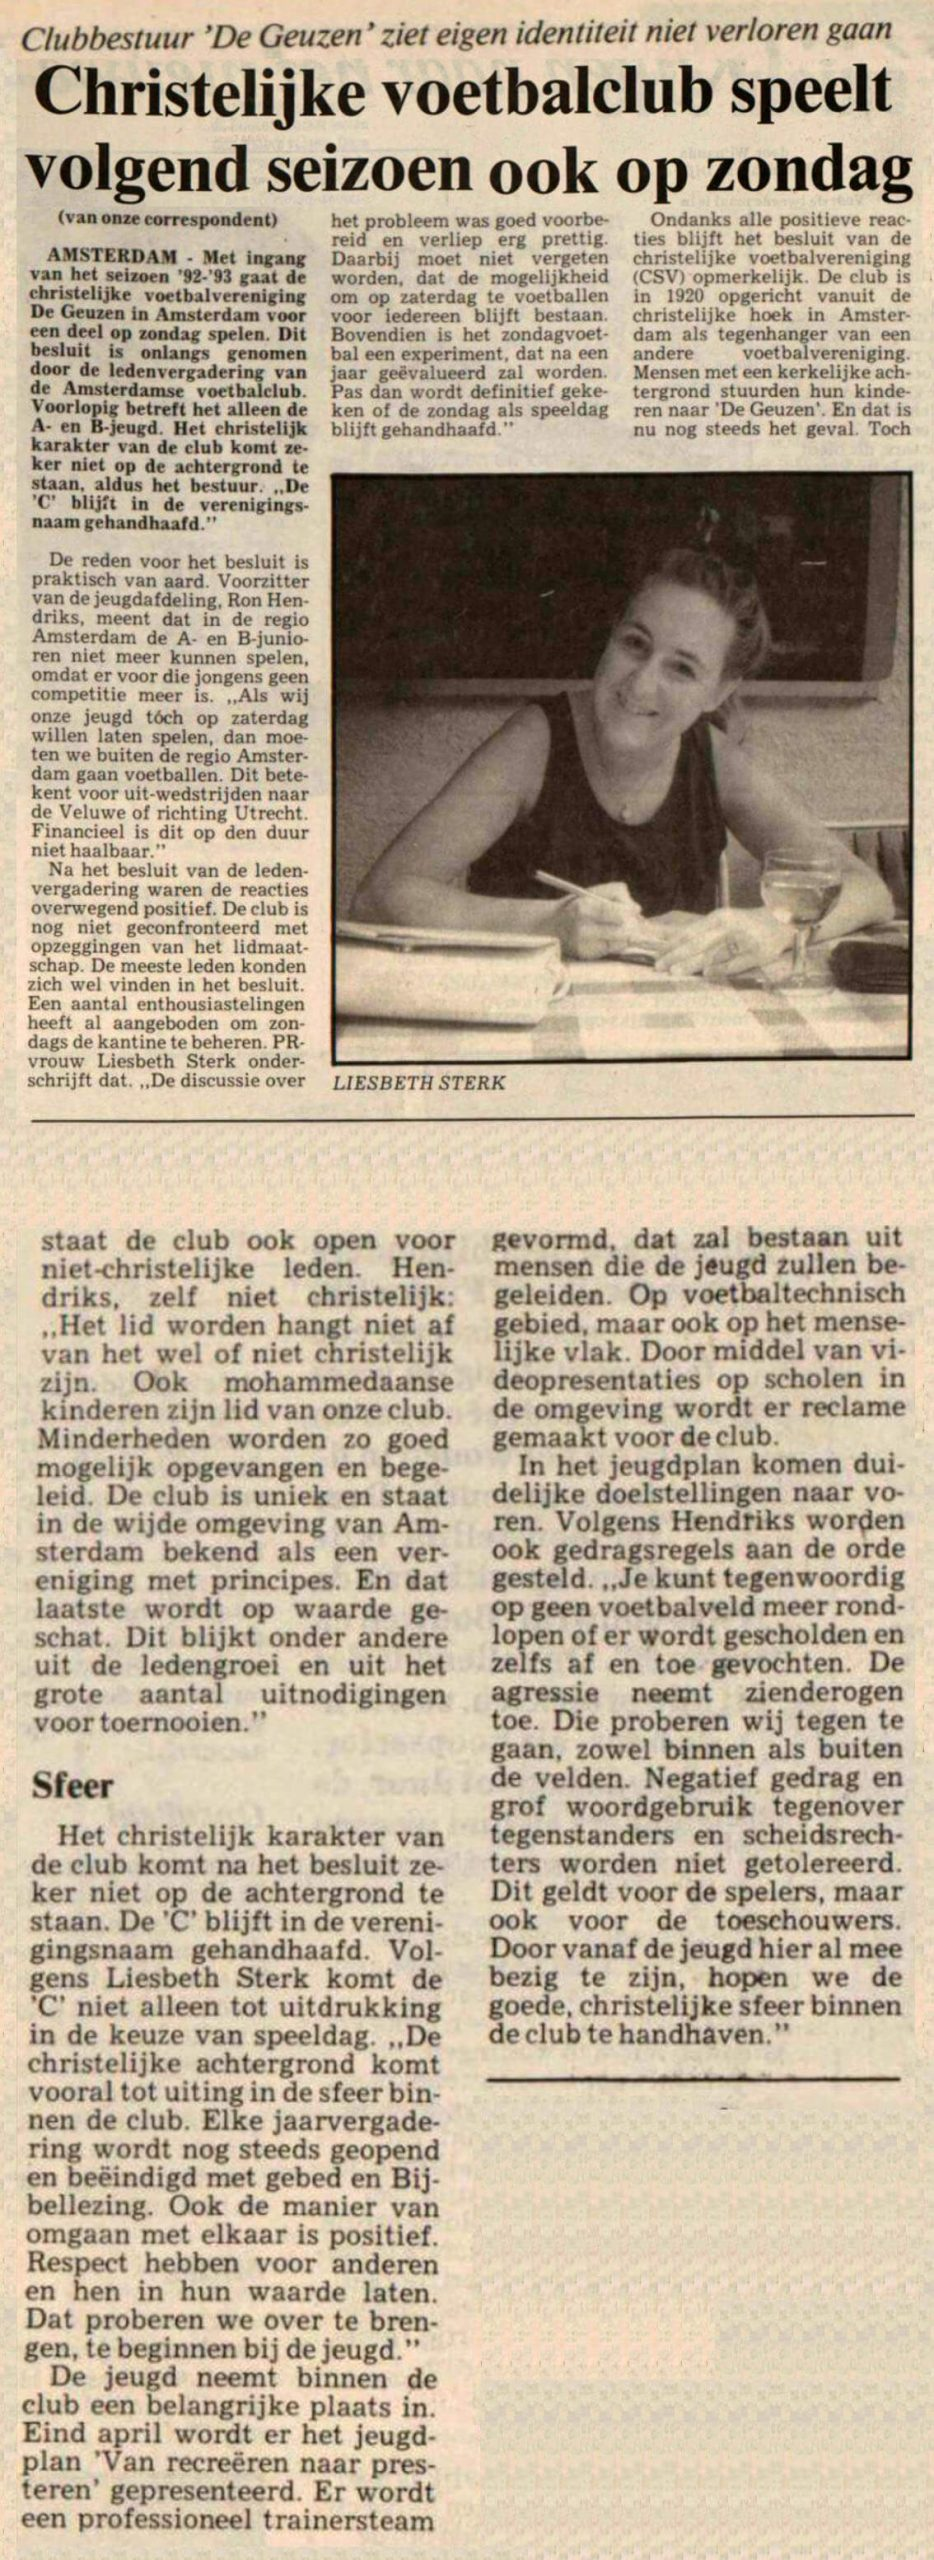 De Geuzen - a - 04-02-1957